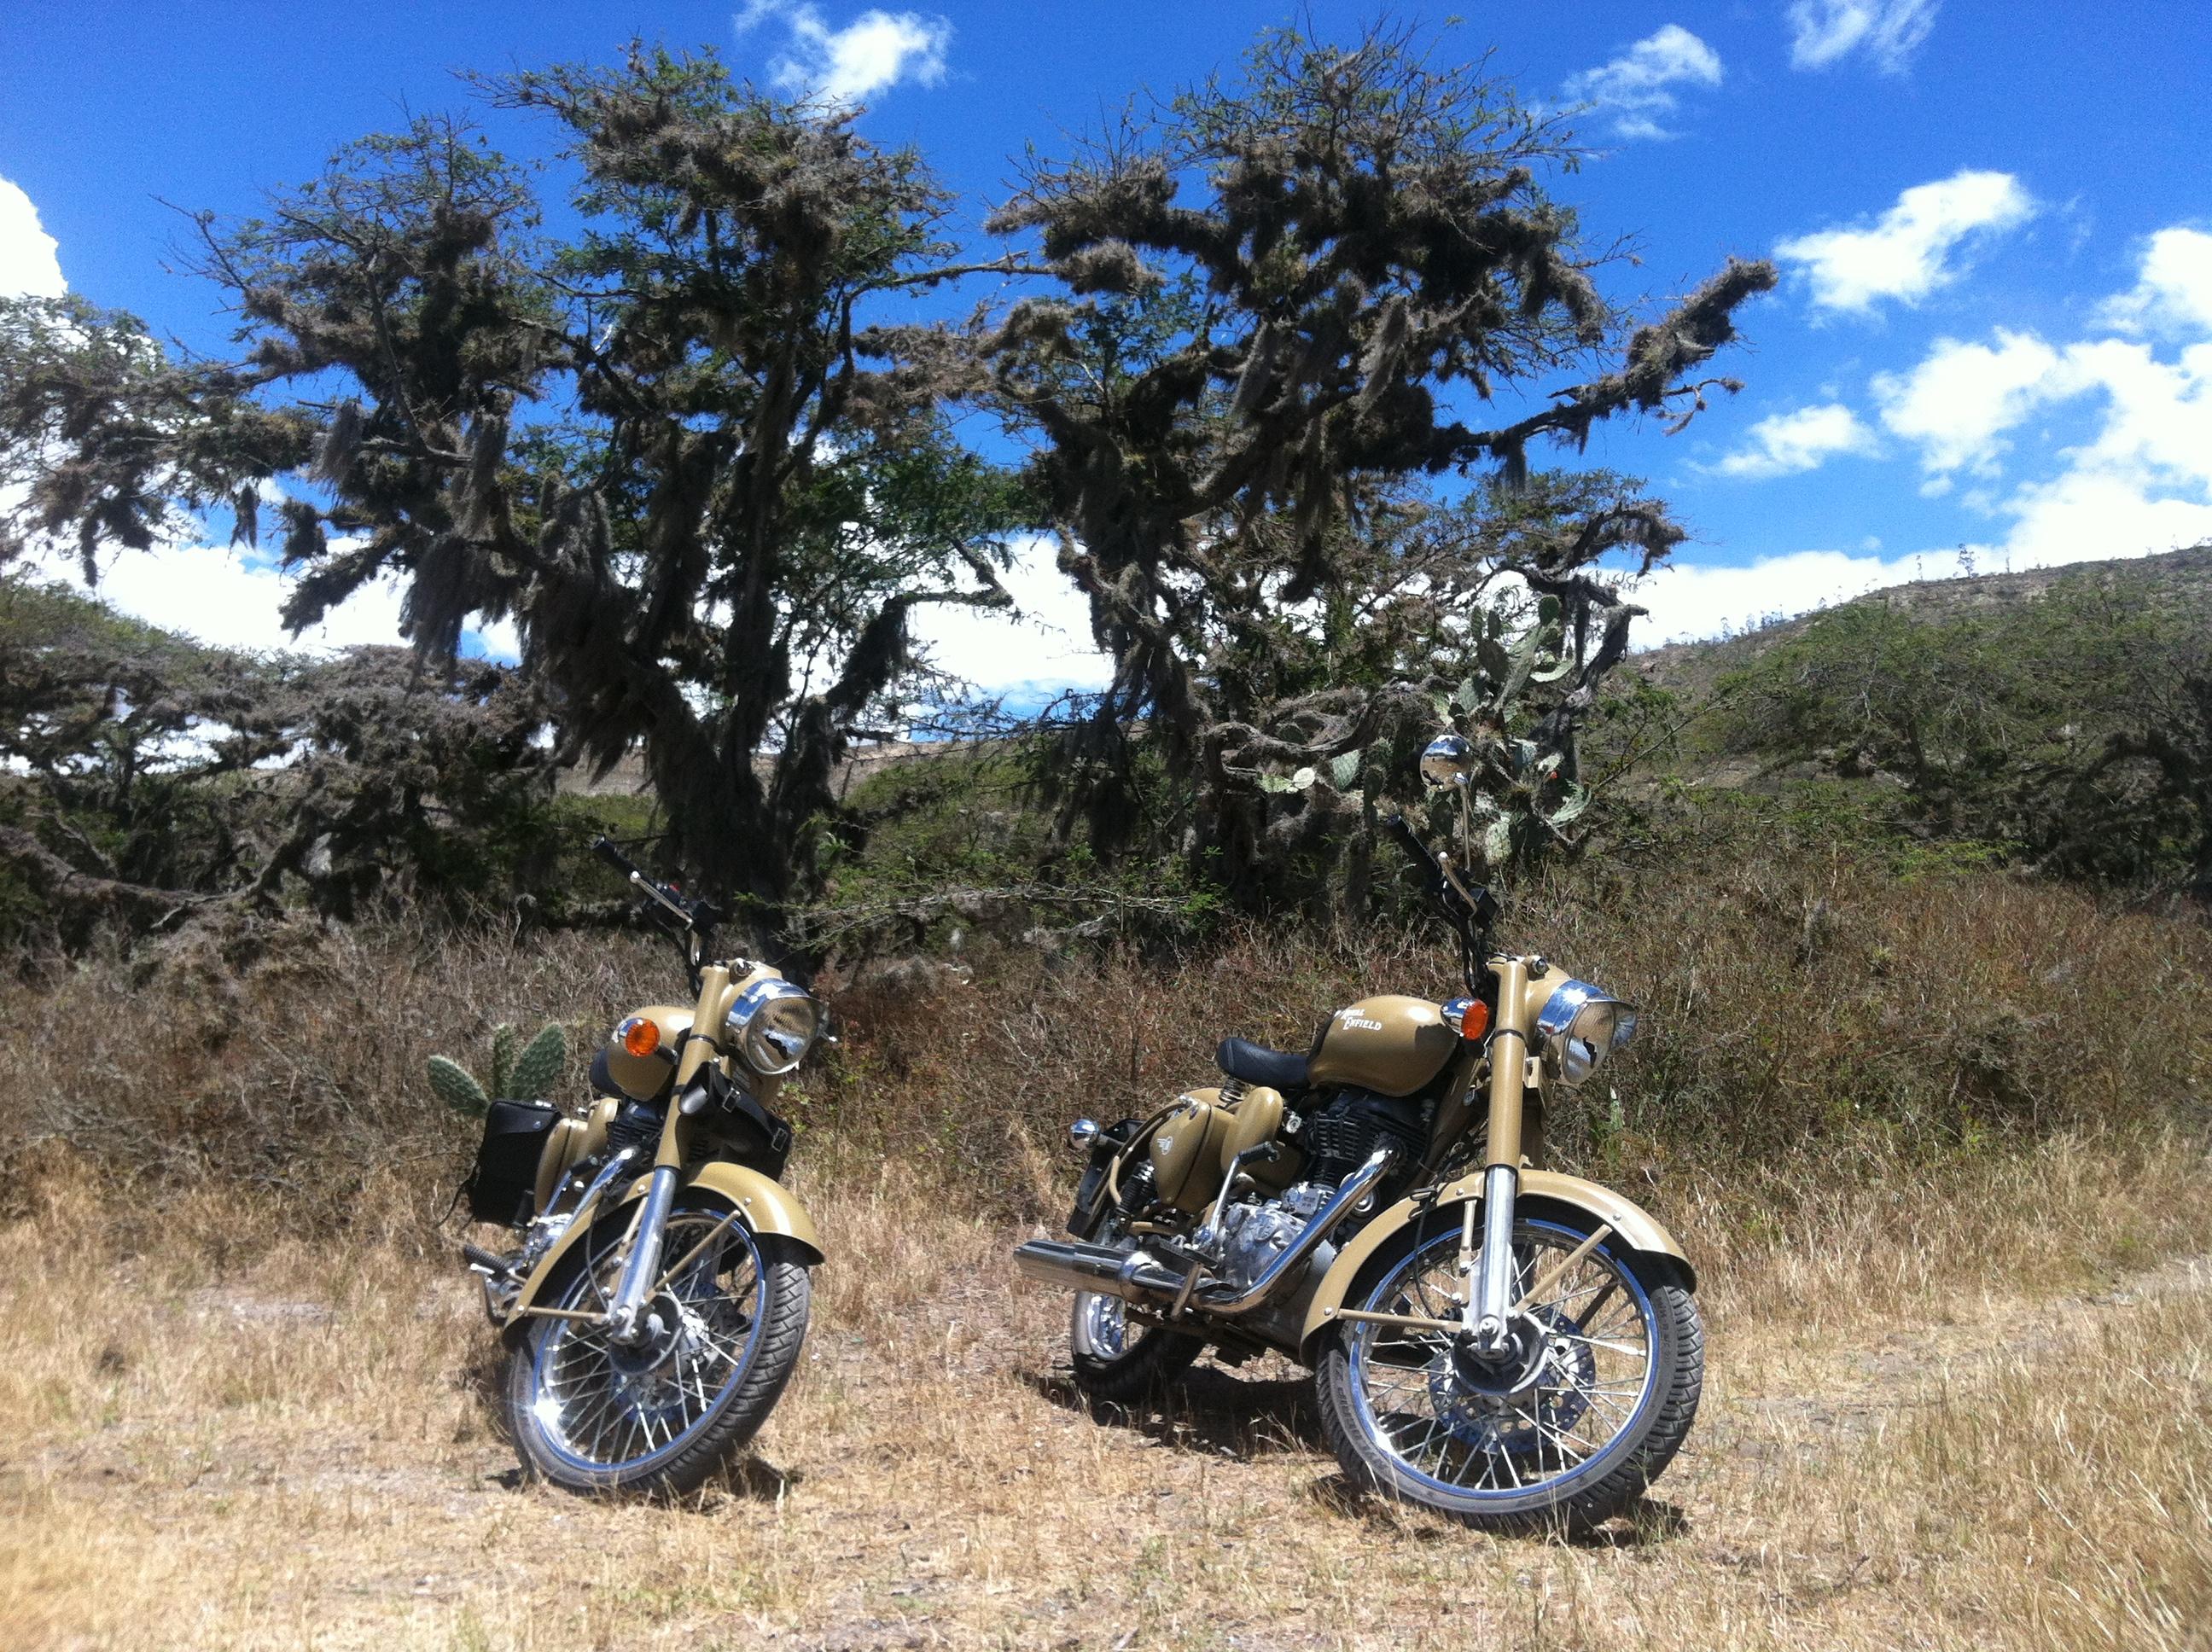 excurcion-de-dia-motos